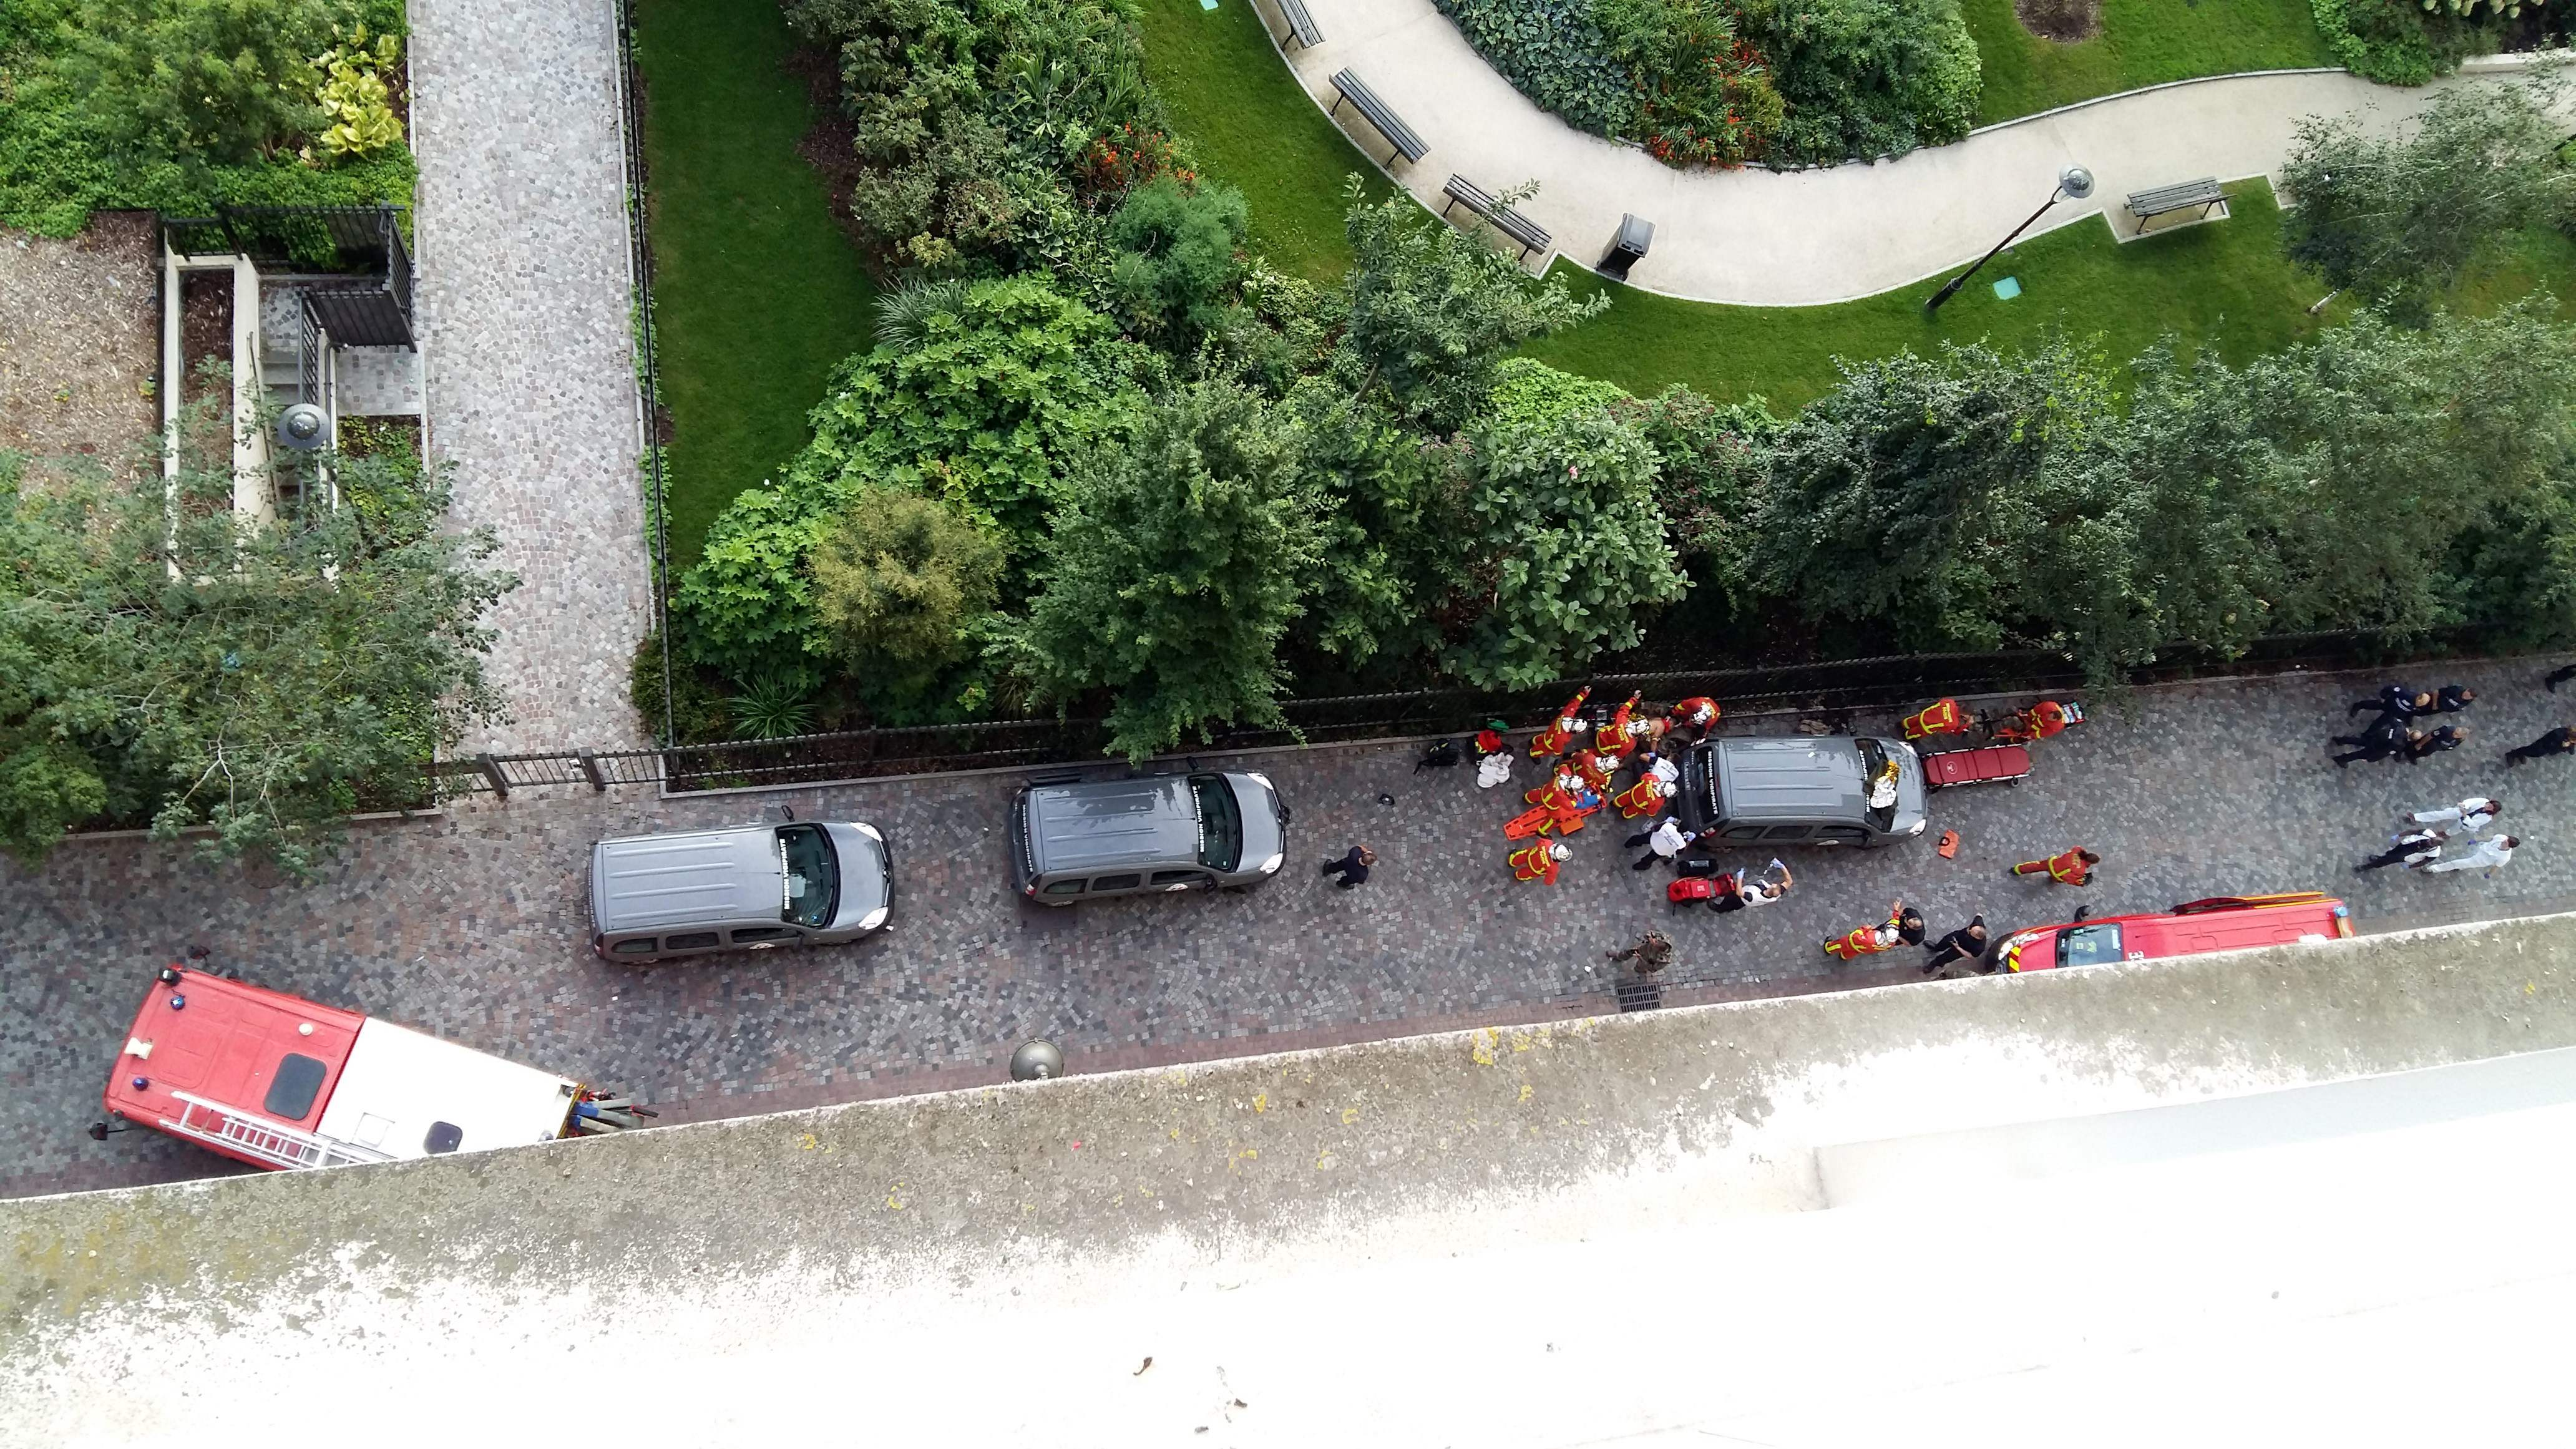 تواجد الشرطة الفرنسية بالموقع